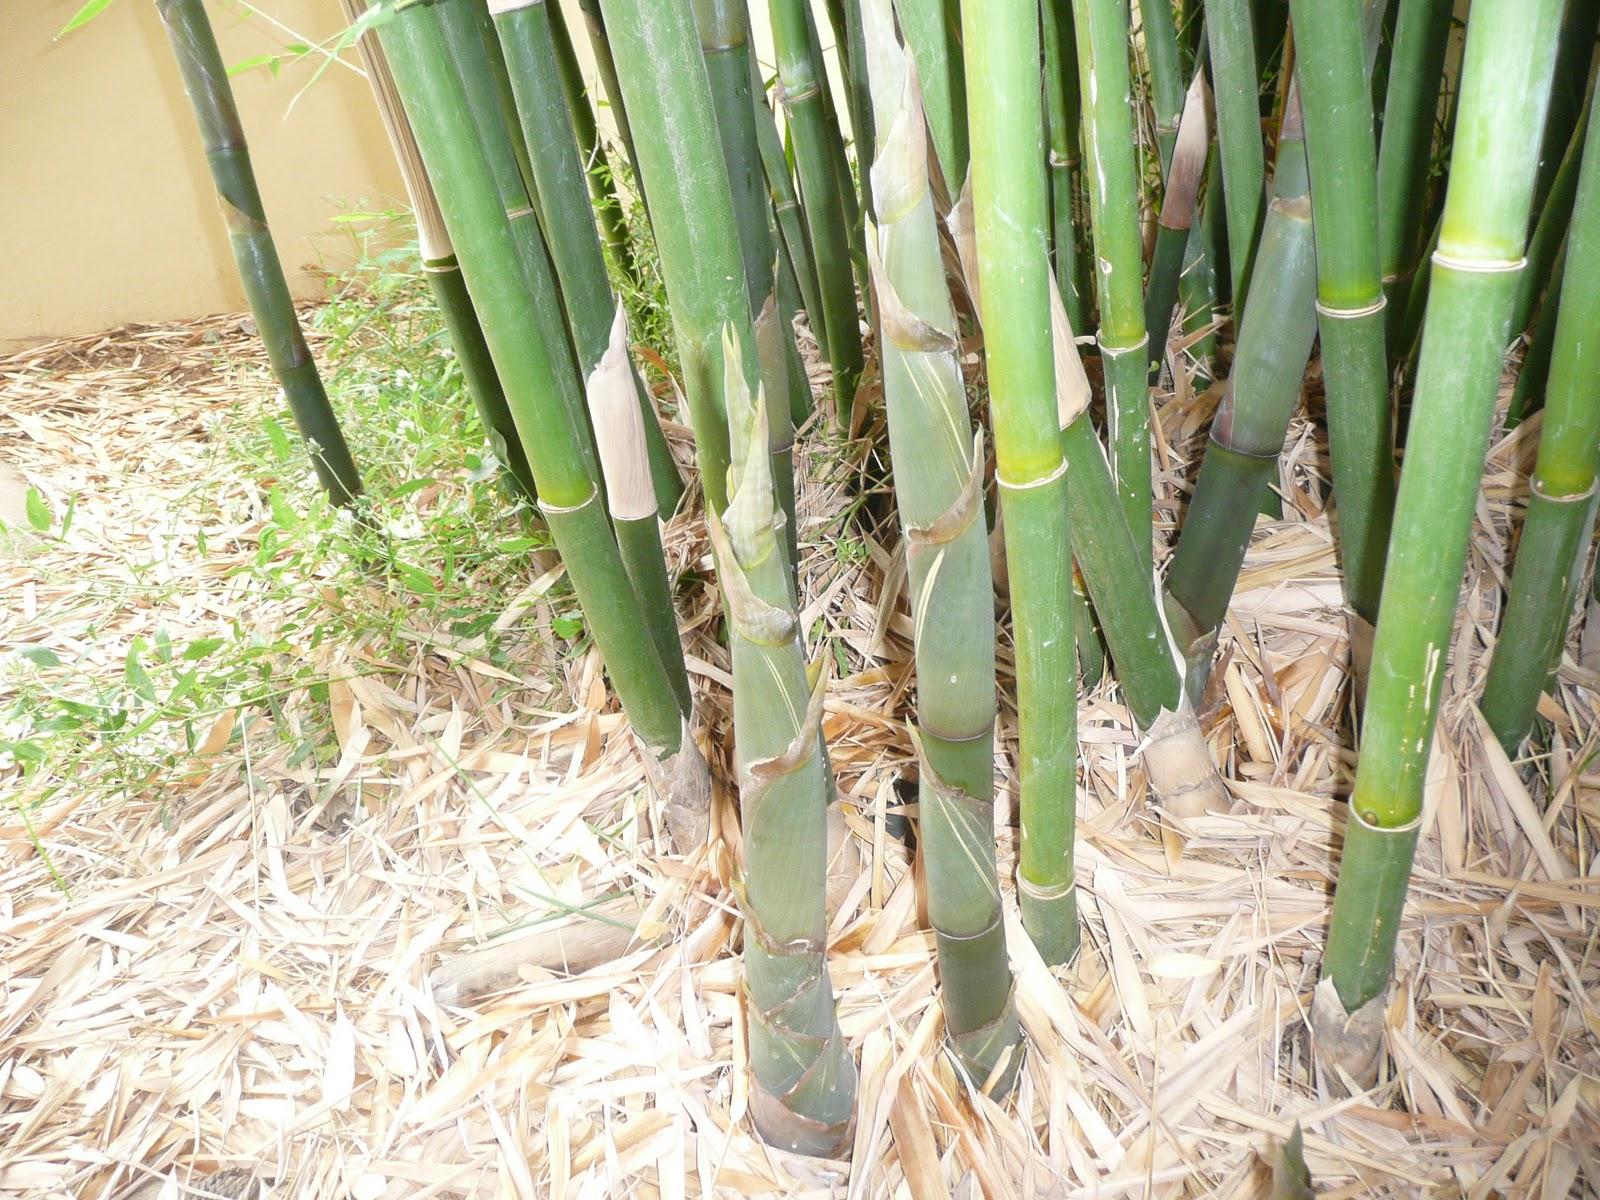 Bamb en el mundo bamb corredor y bamb cespitoso - Tipos de bambu ...